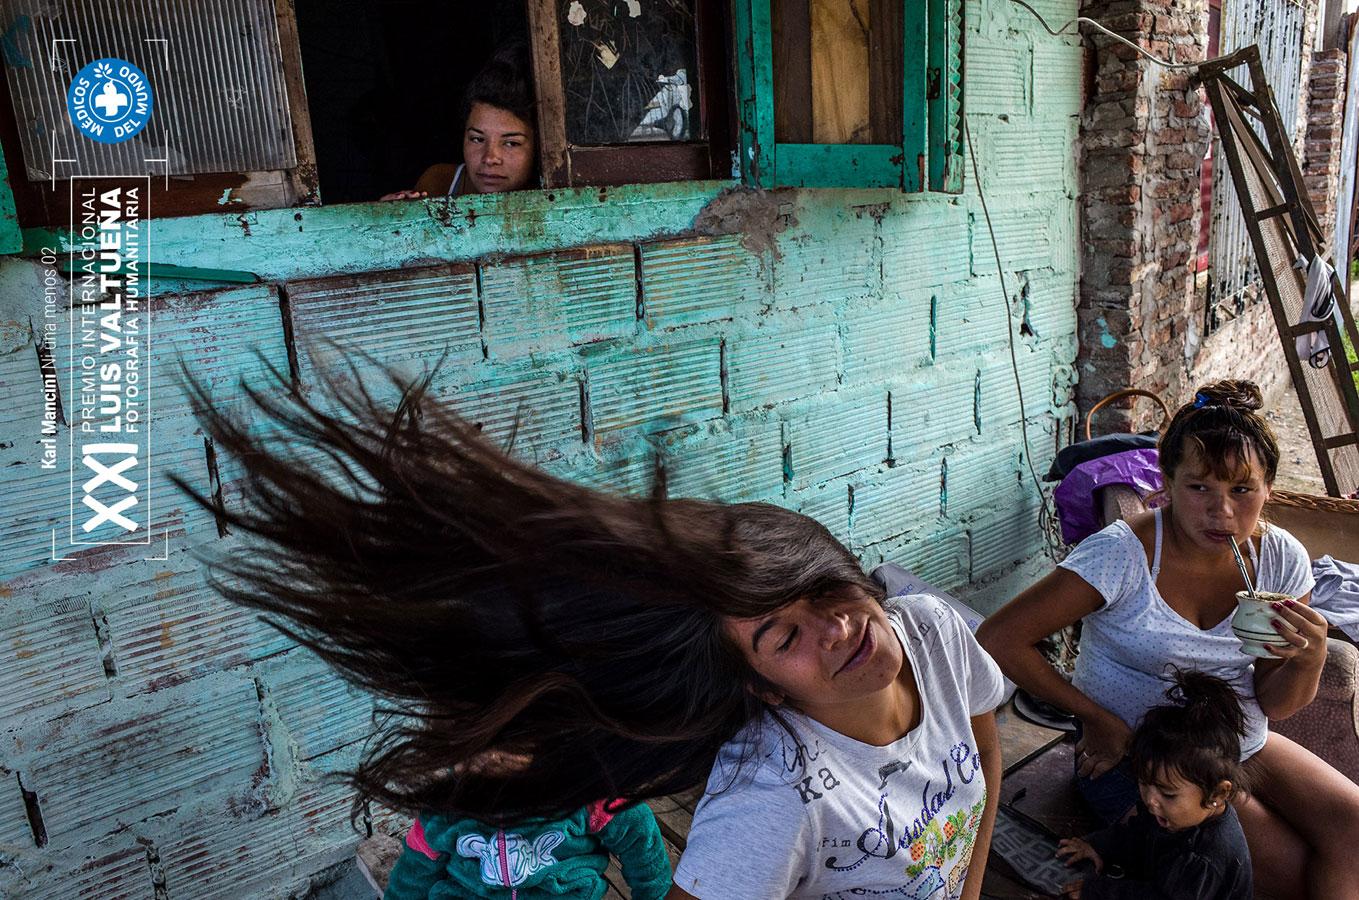 © Карл Манчини, Конкурс гуманитарной фотографии Луиса Вальтуэна — Luis Valtueña